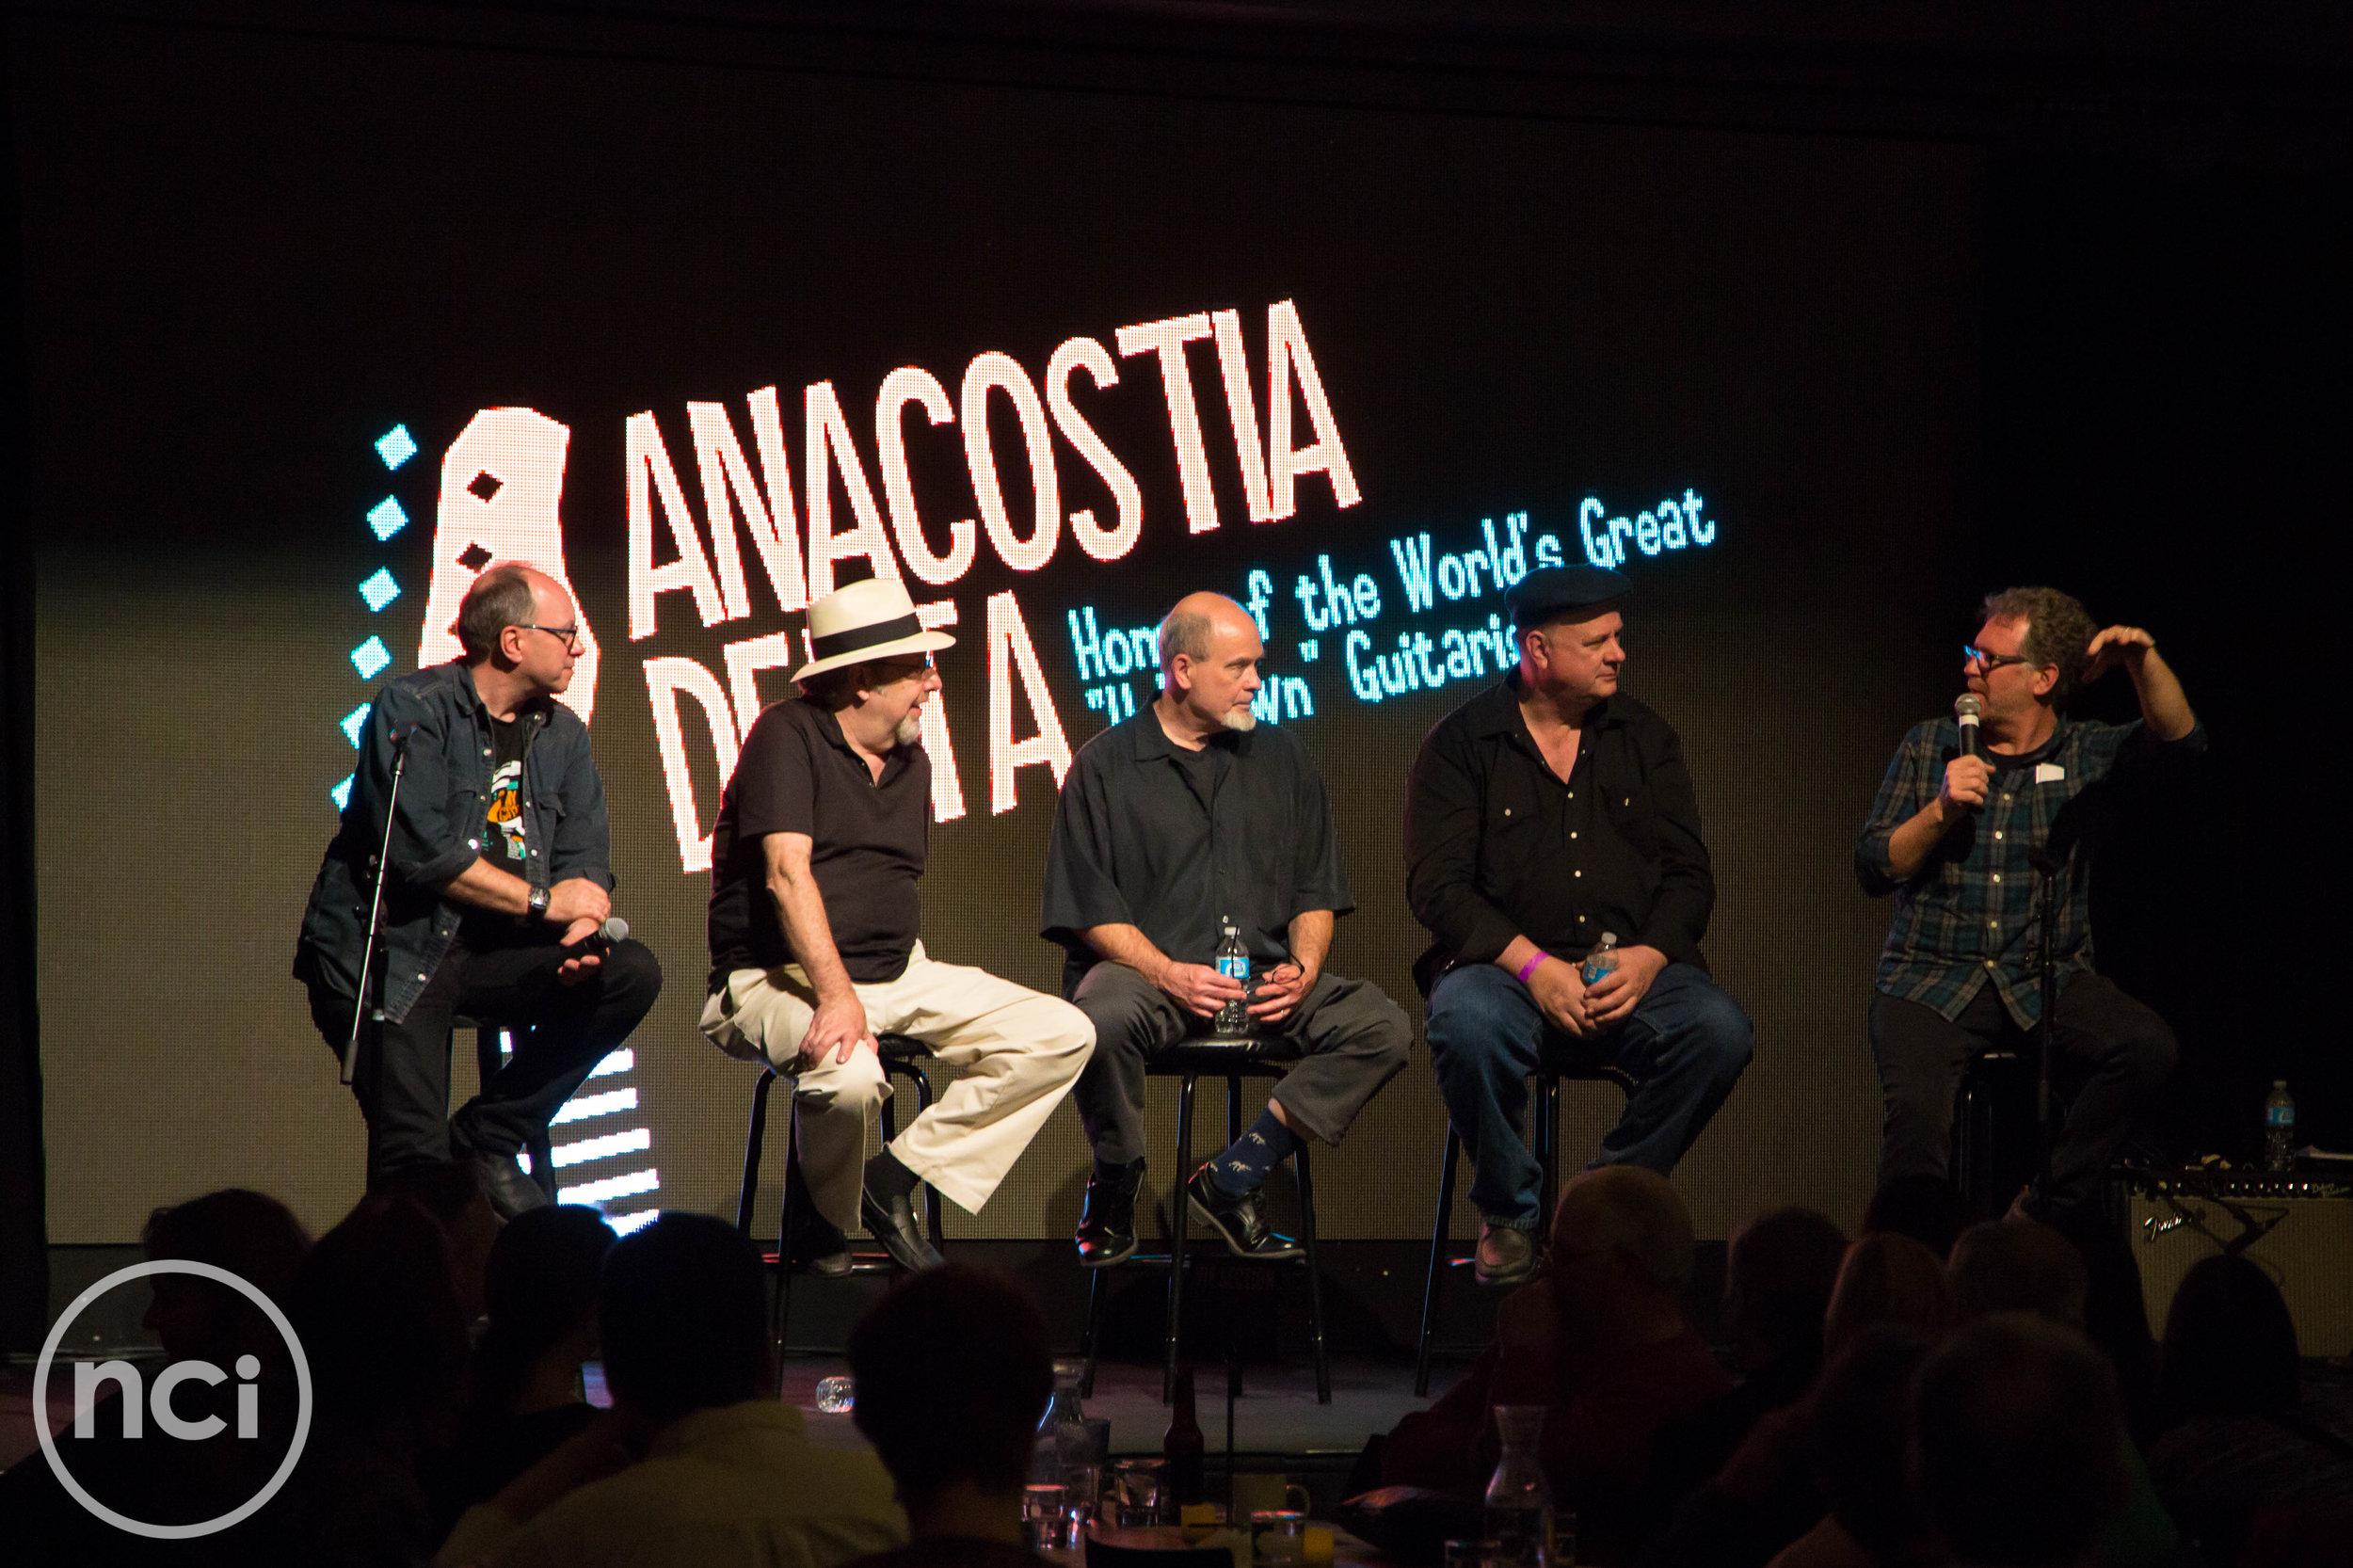 Anacostia Delta